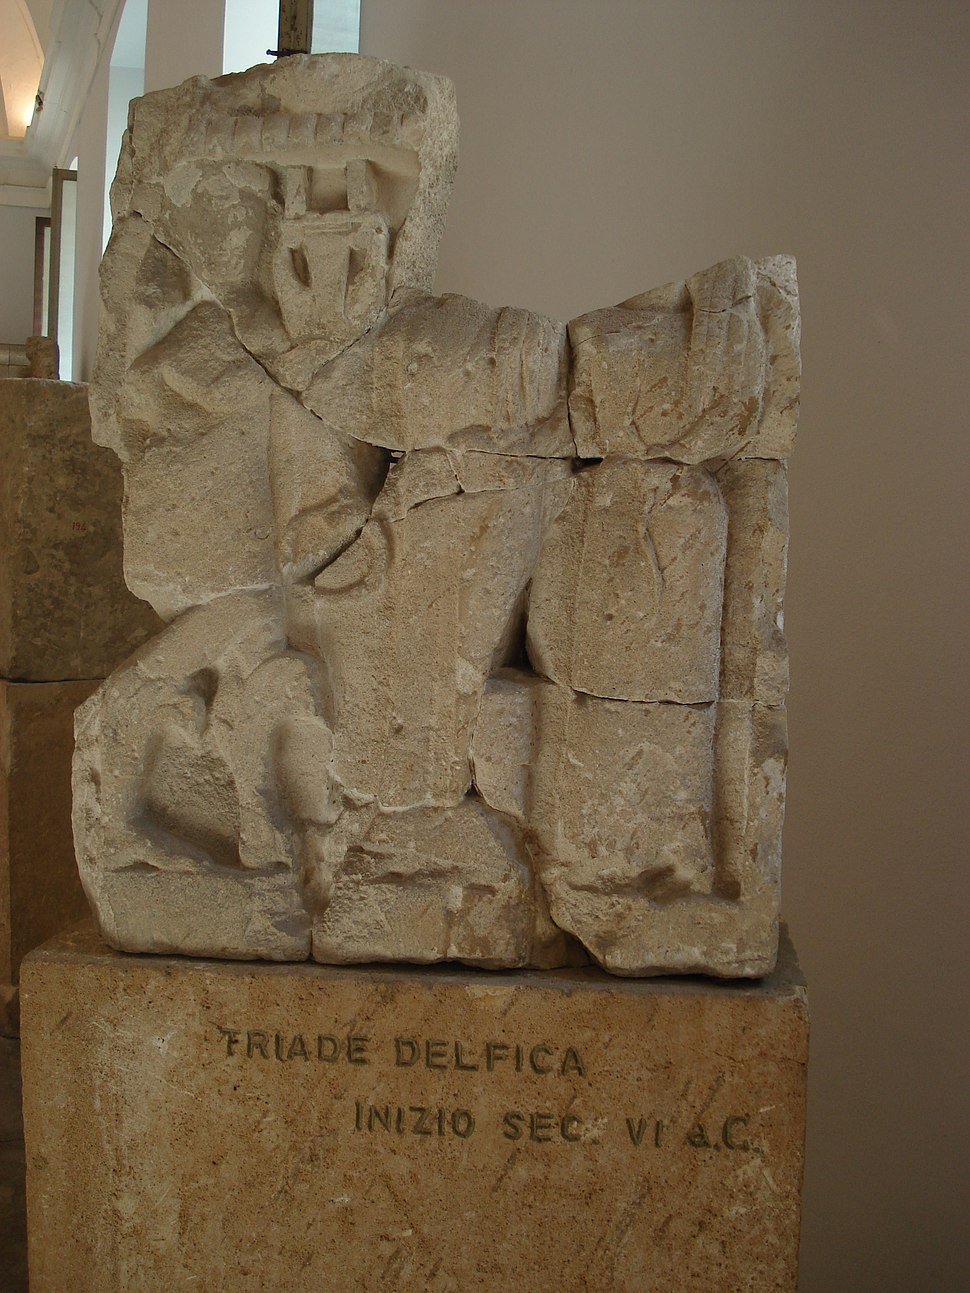 DSC00415 - Tempio Y di Selinunte sec. VIa.C. - Traide delfica - Foto G. Dall'Orto